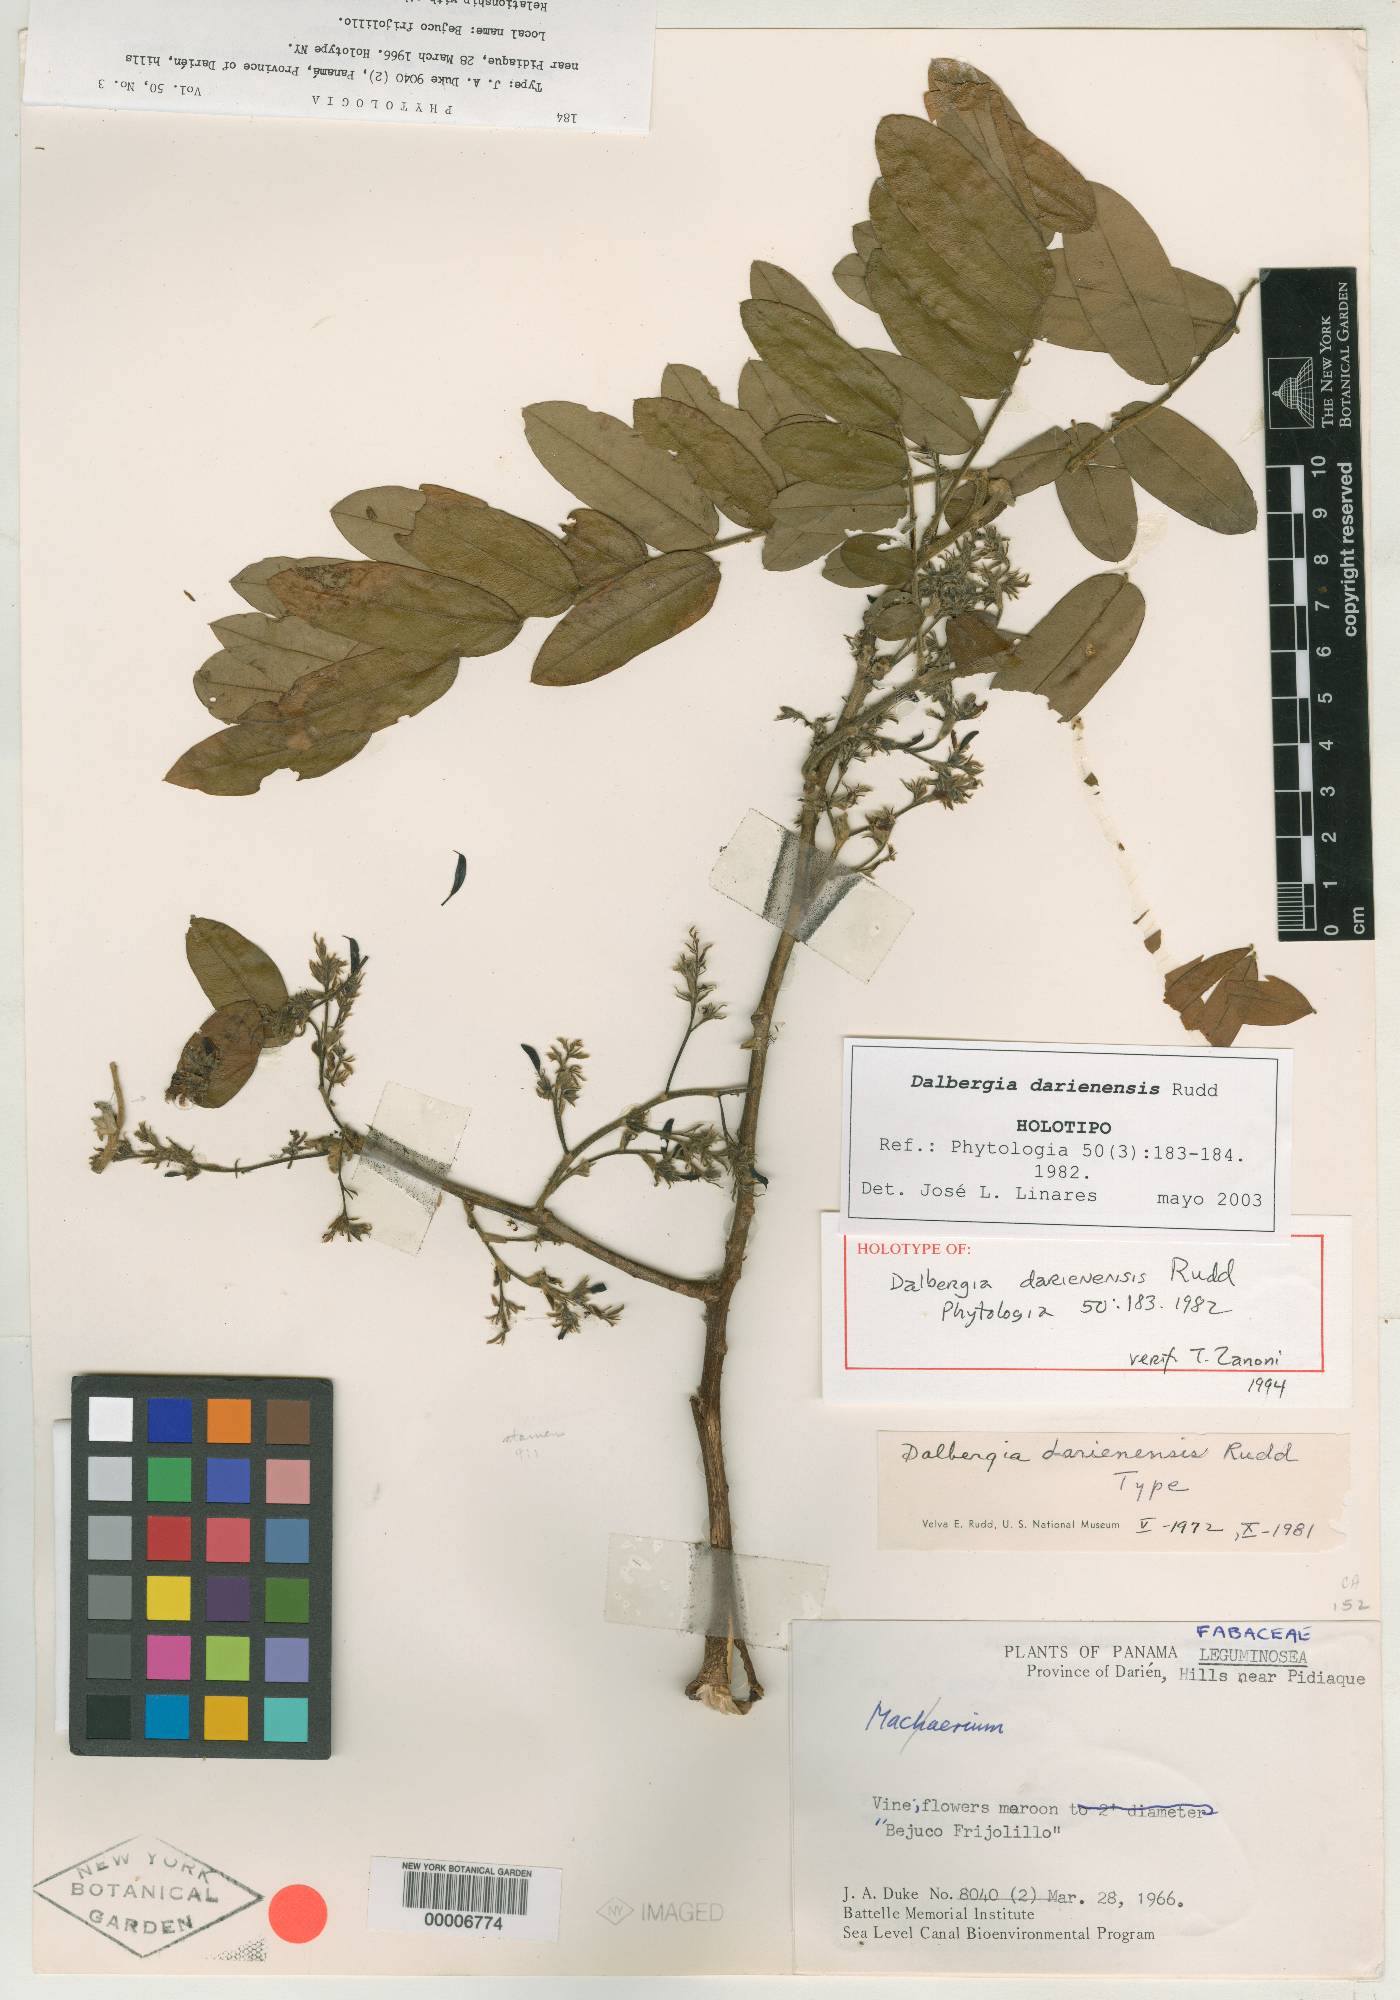 Dalbergia darienensis image